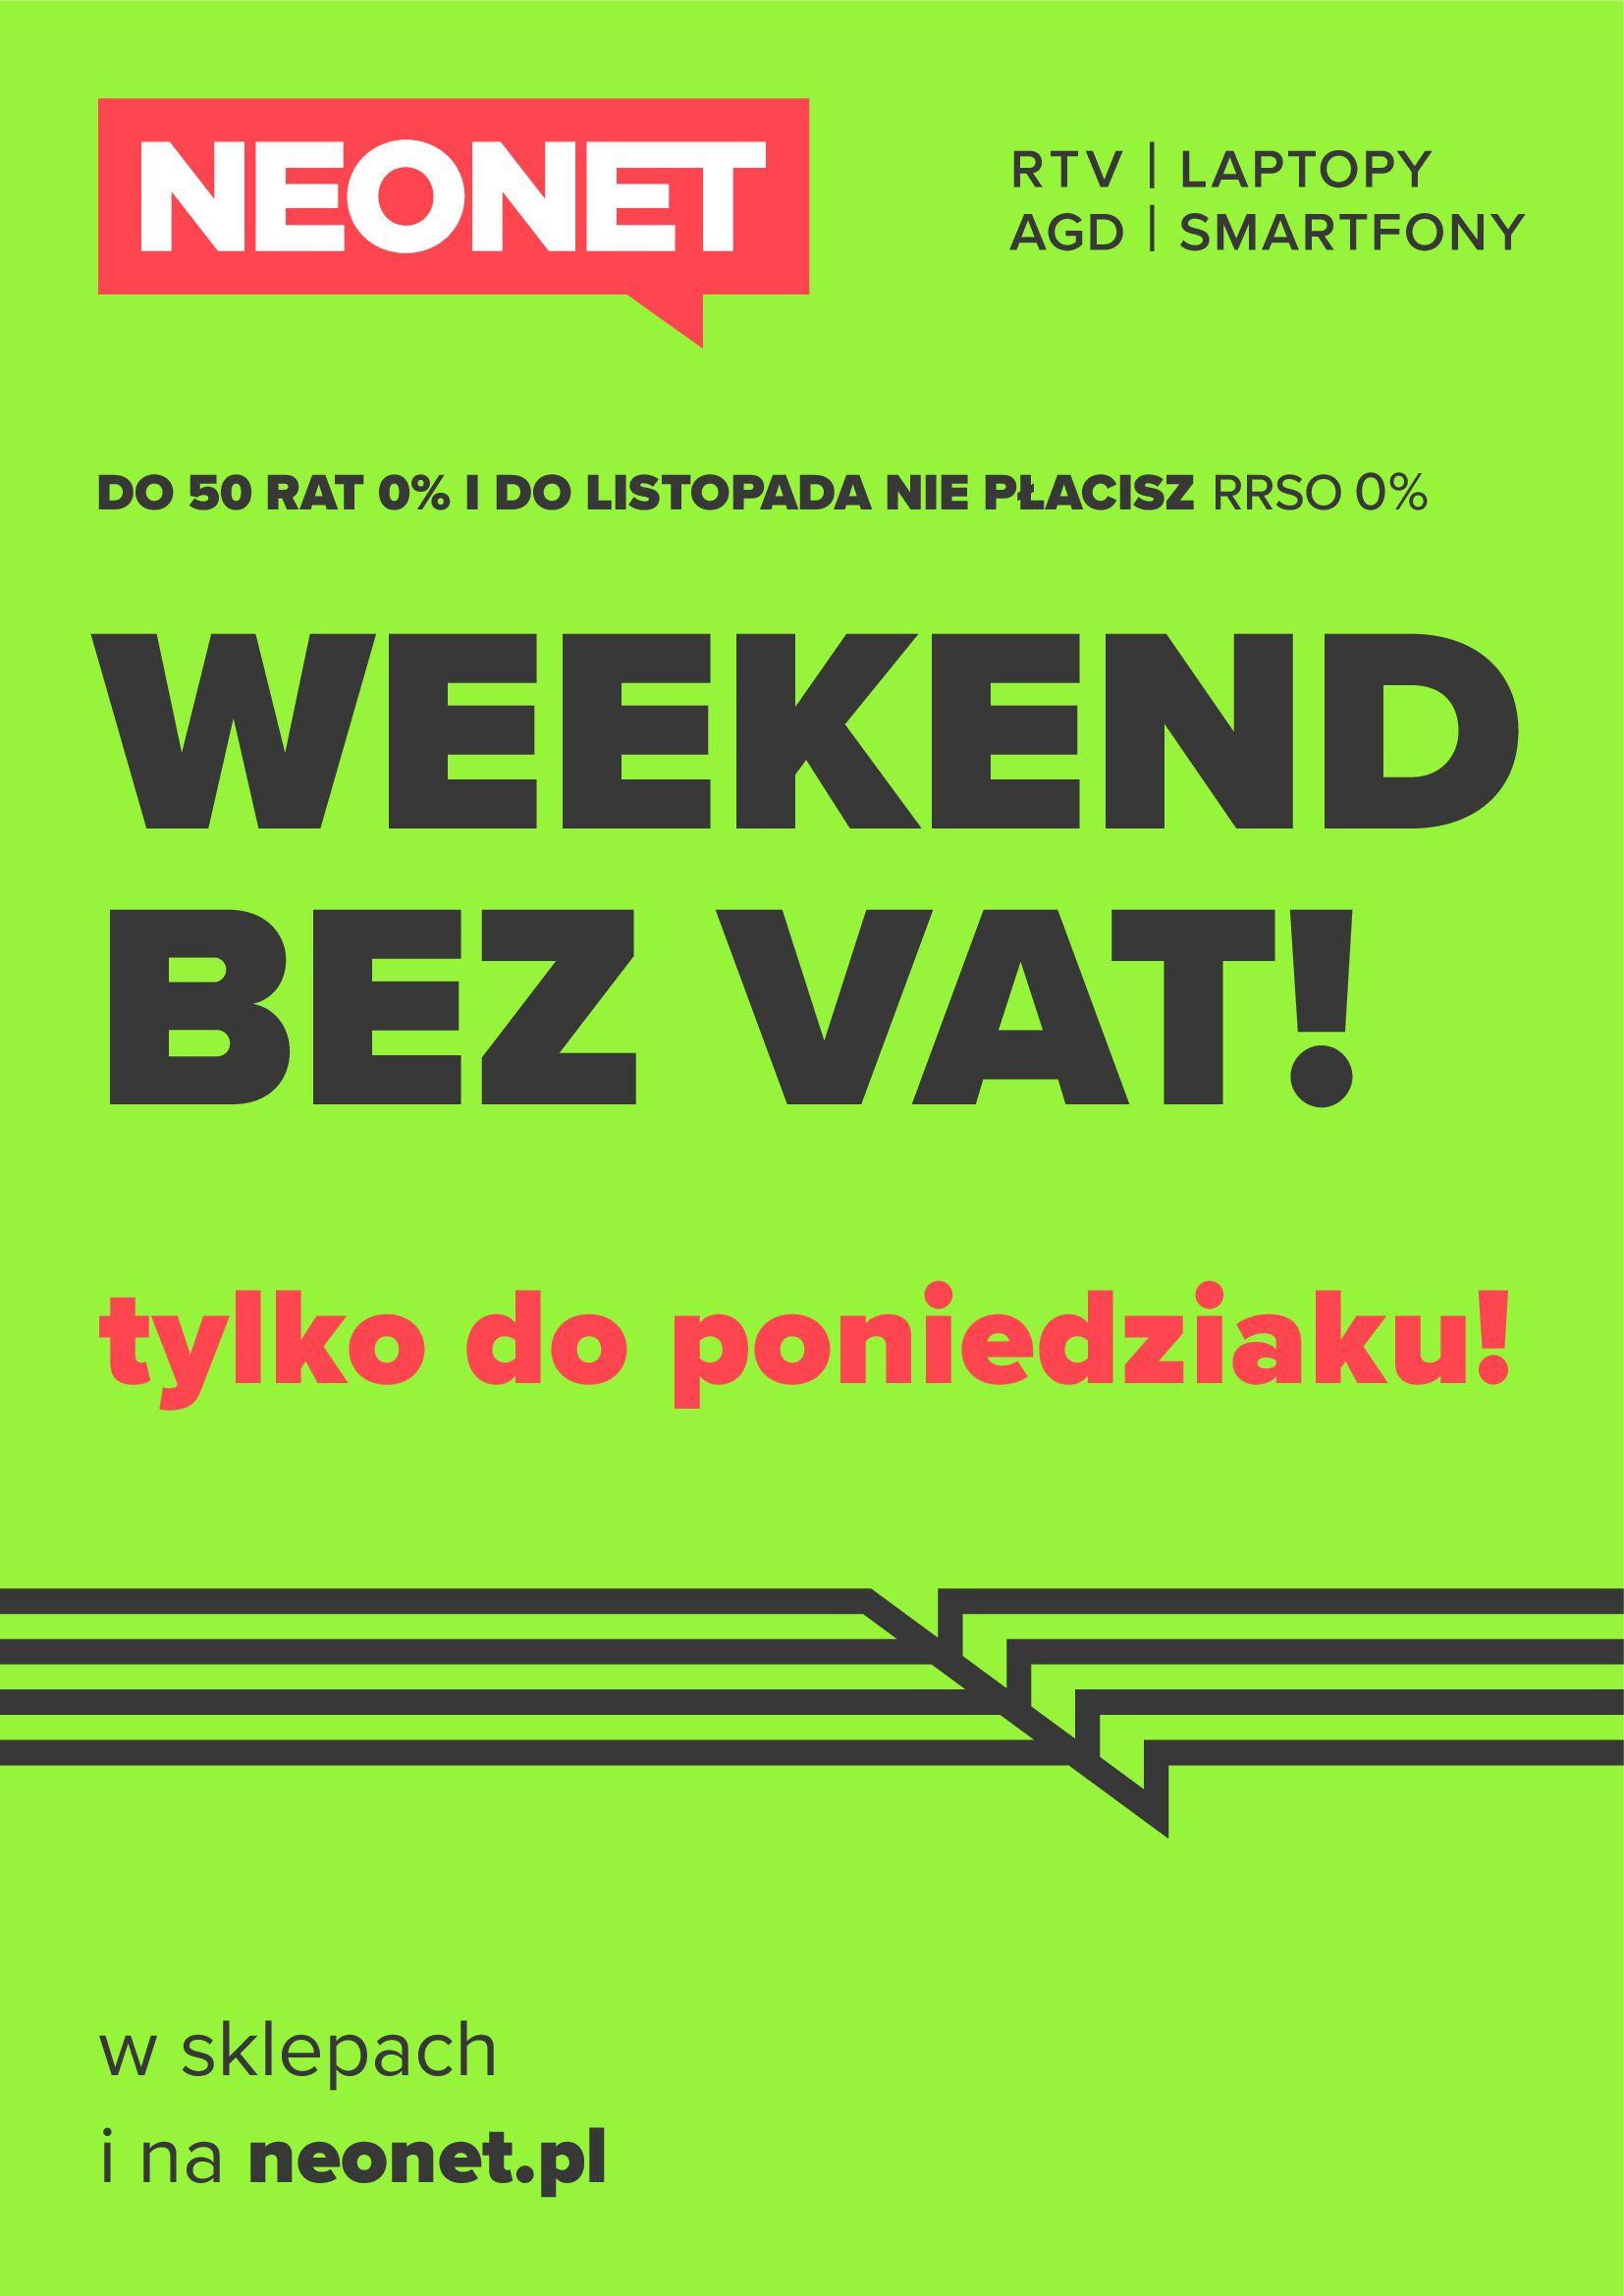 Neonet:  Weekend bez vat 22.04.2021